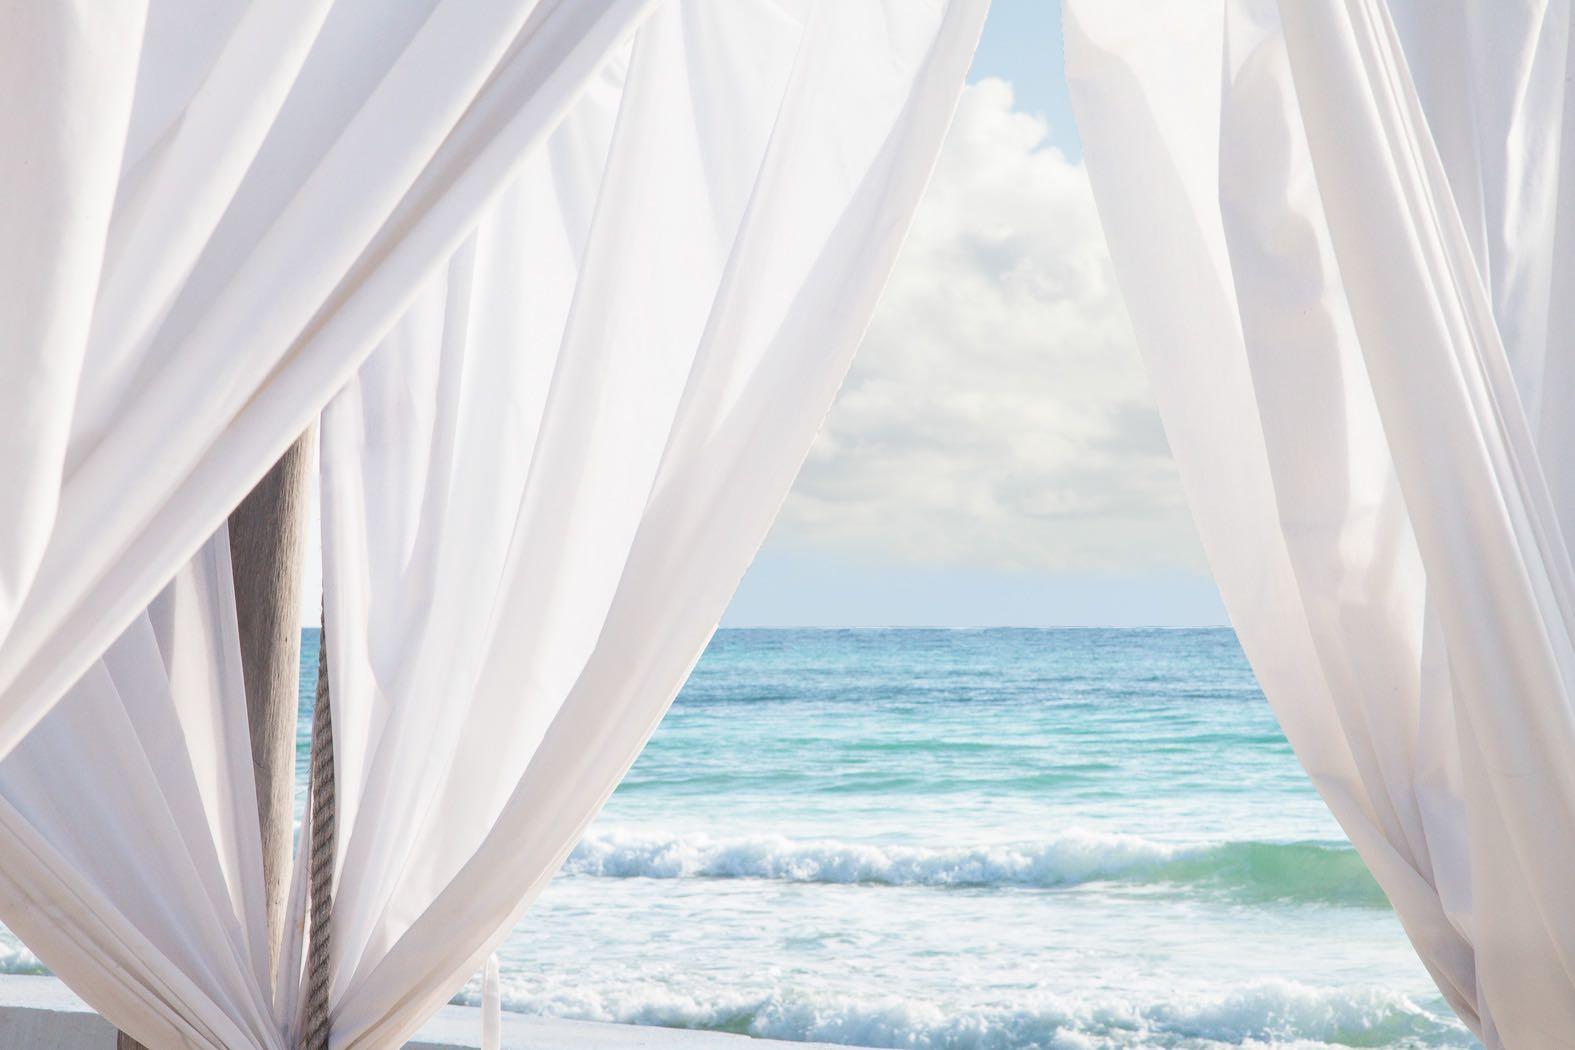 Bianca Sands Resort